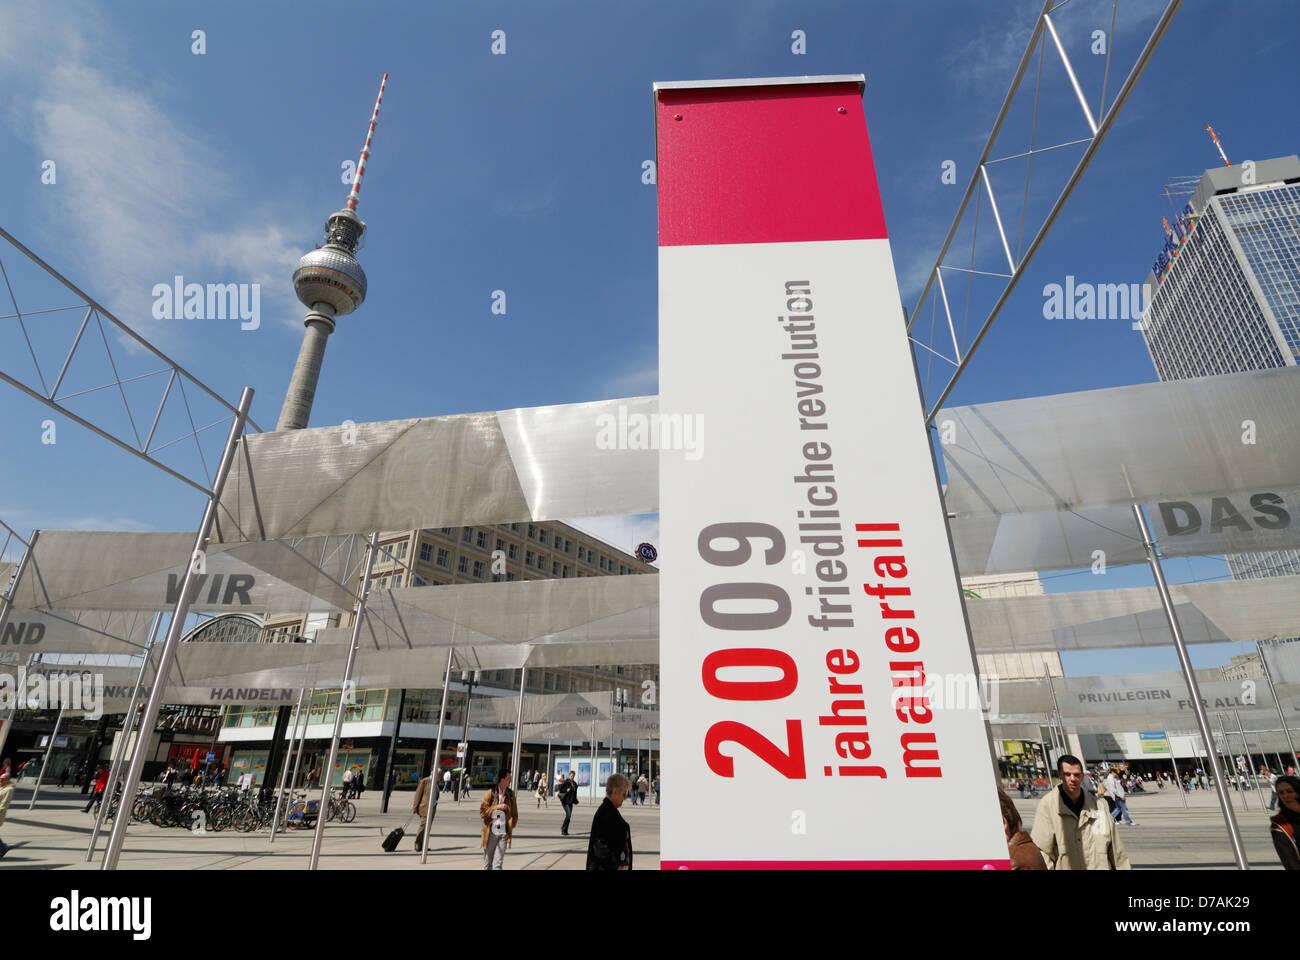 Ausstellung auf dem Alexanderplatz zum Gedenken an 20 Jahre seit dem Fall der Berliner Mauer, Berlin Deutschland. Stockbild